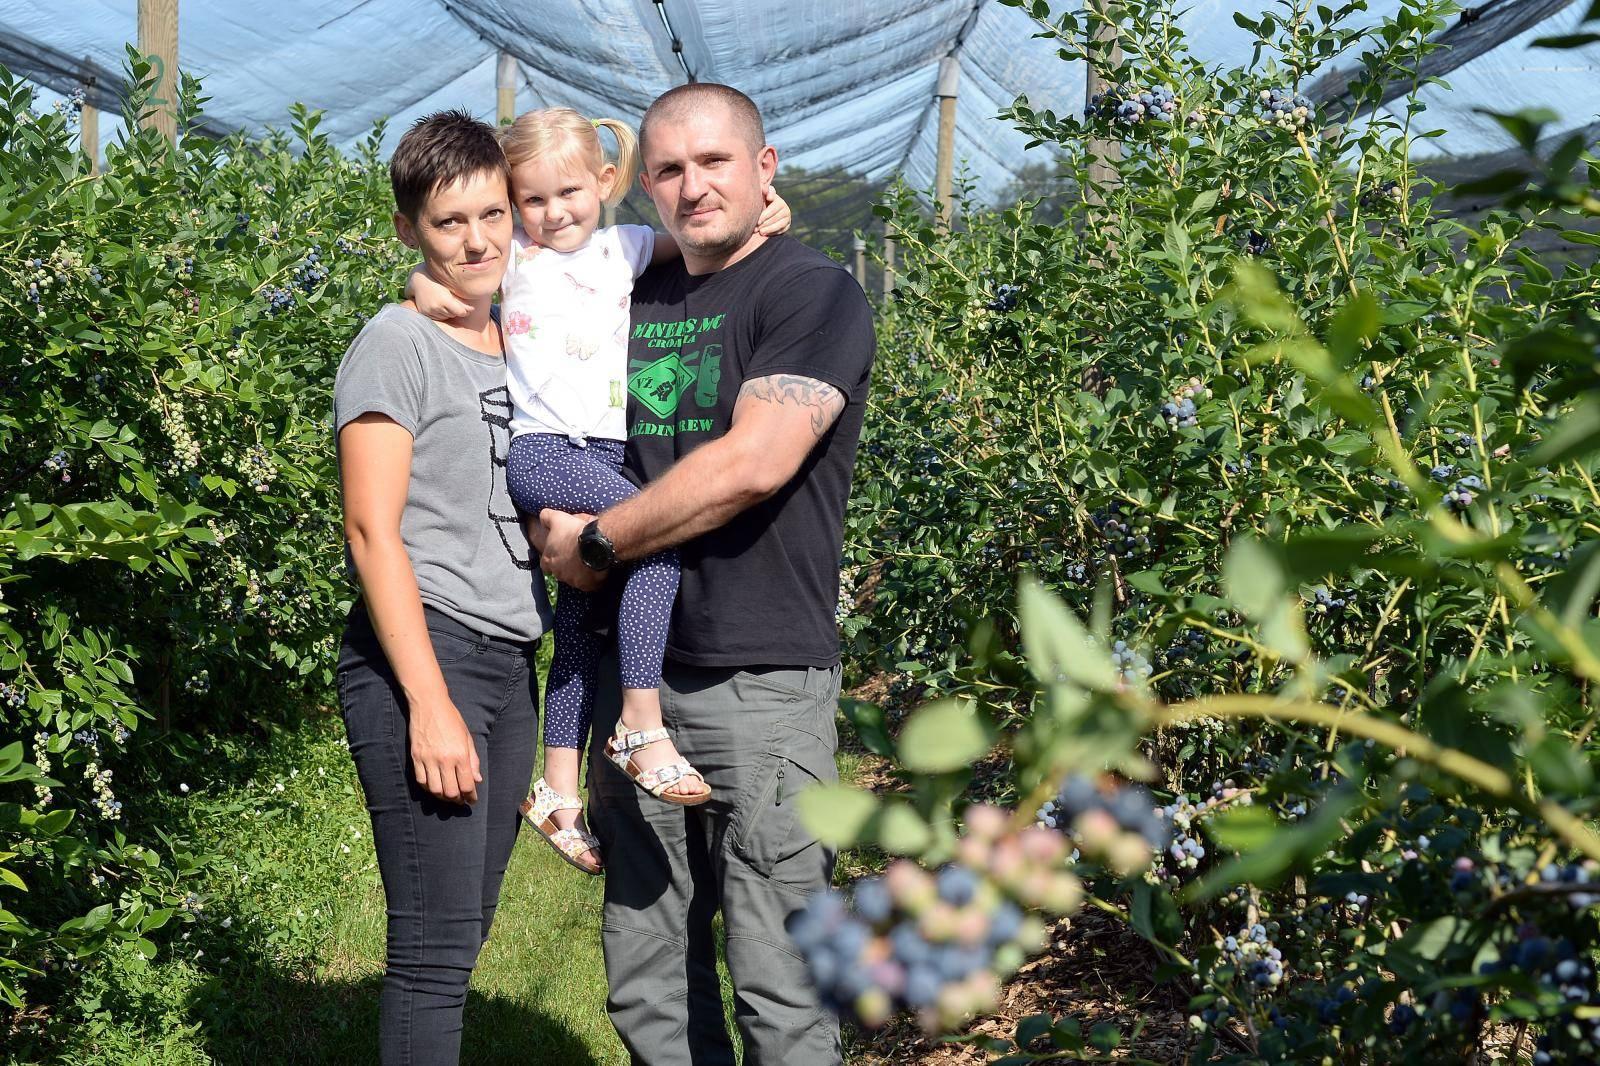 Obiteljski biznis: 'Proizvedemo četiri tone ekoloških borovnica'